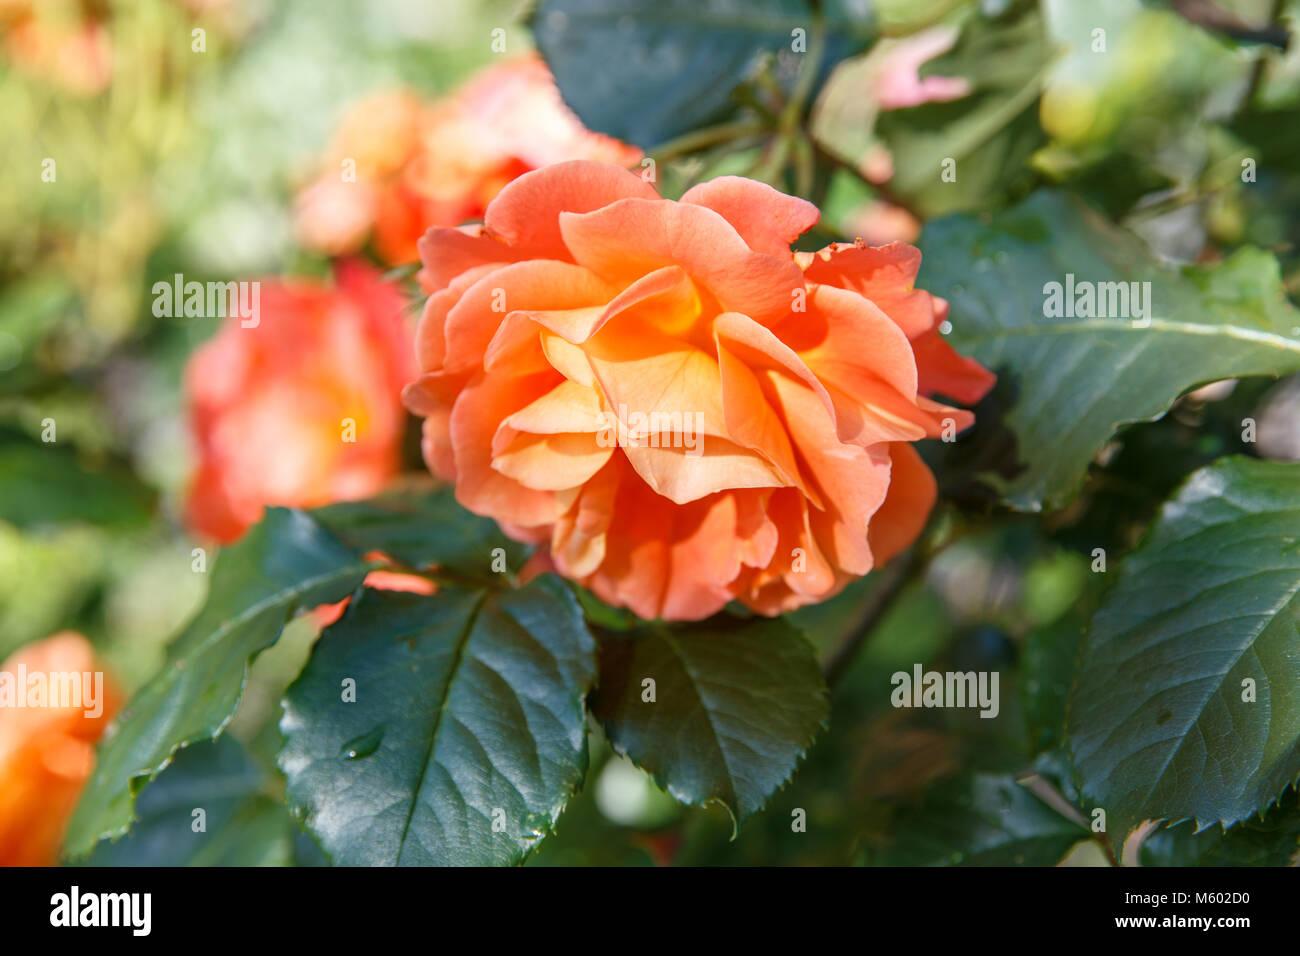 kordes rose stock photos kordes rose stock images alamy. Black Bedroom Furniture Sets. Home Design Ideas